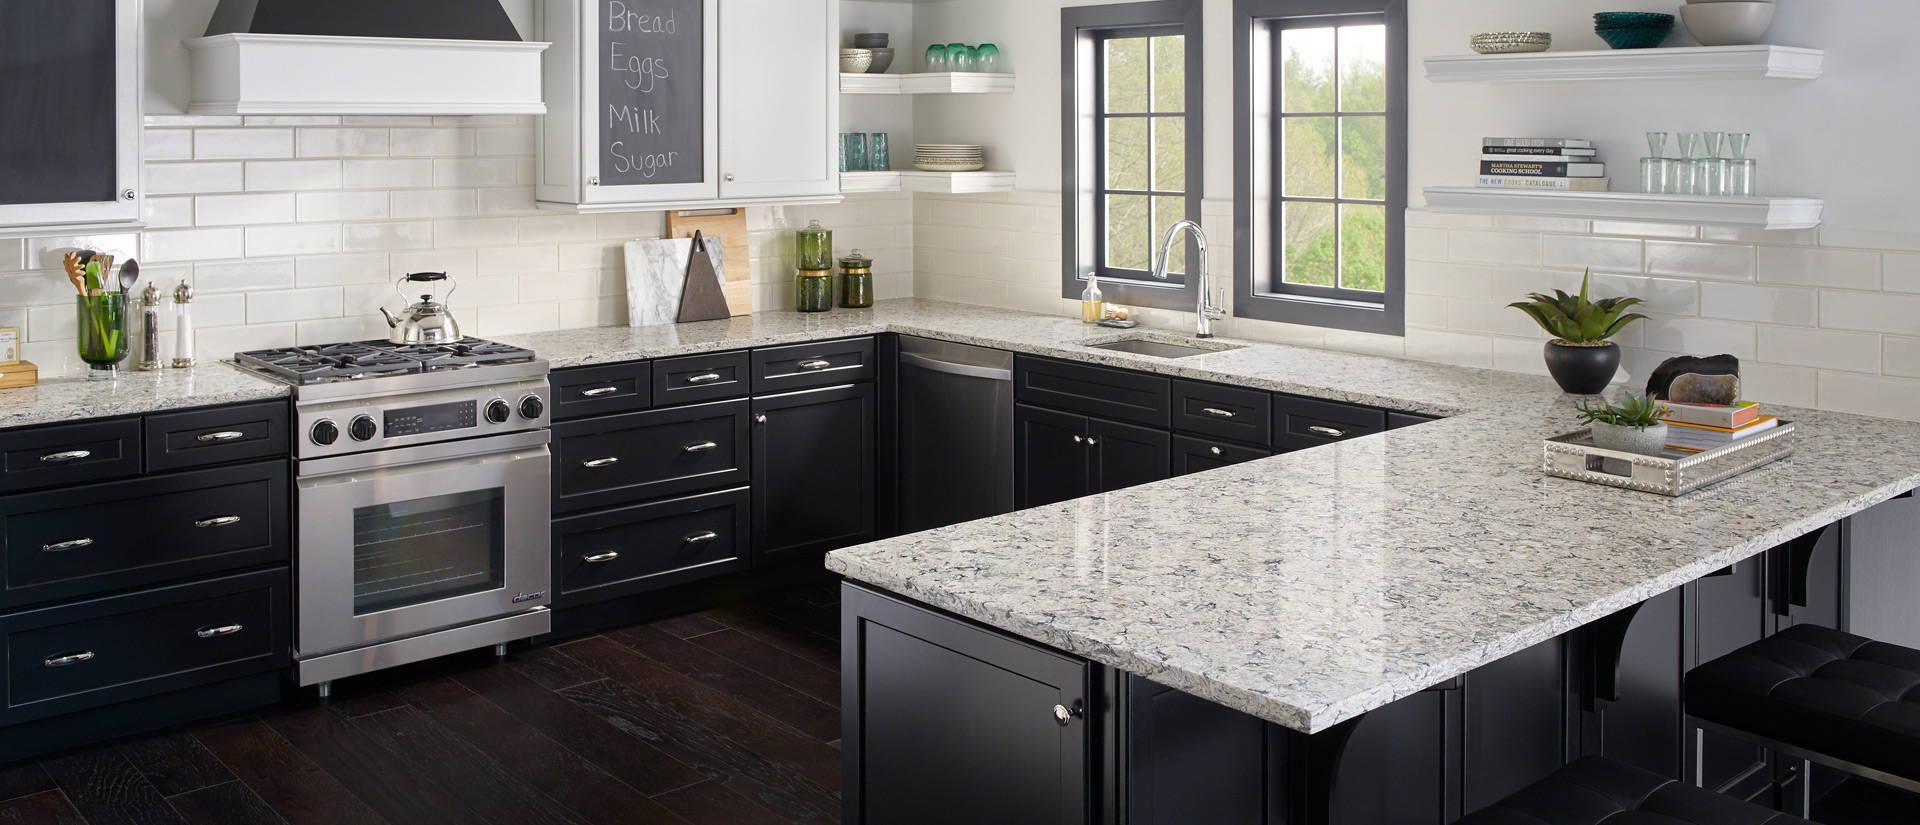 Herringbone Backsplash With Granite Countertop